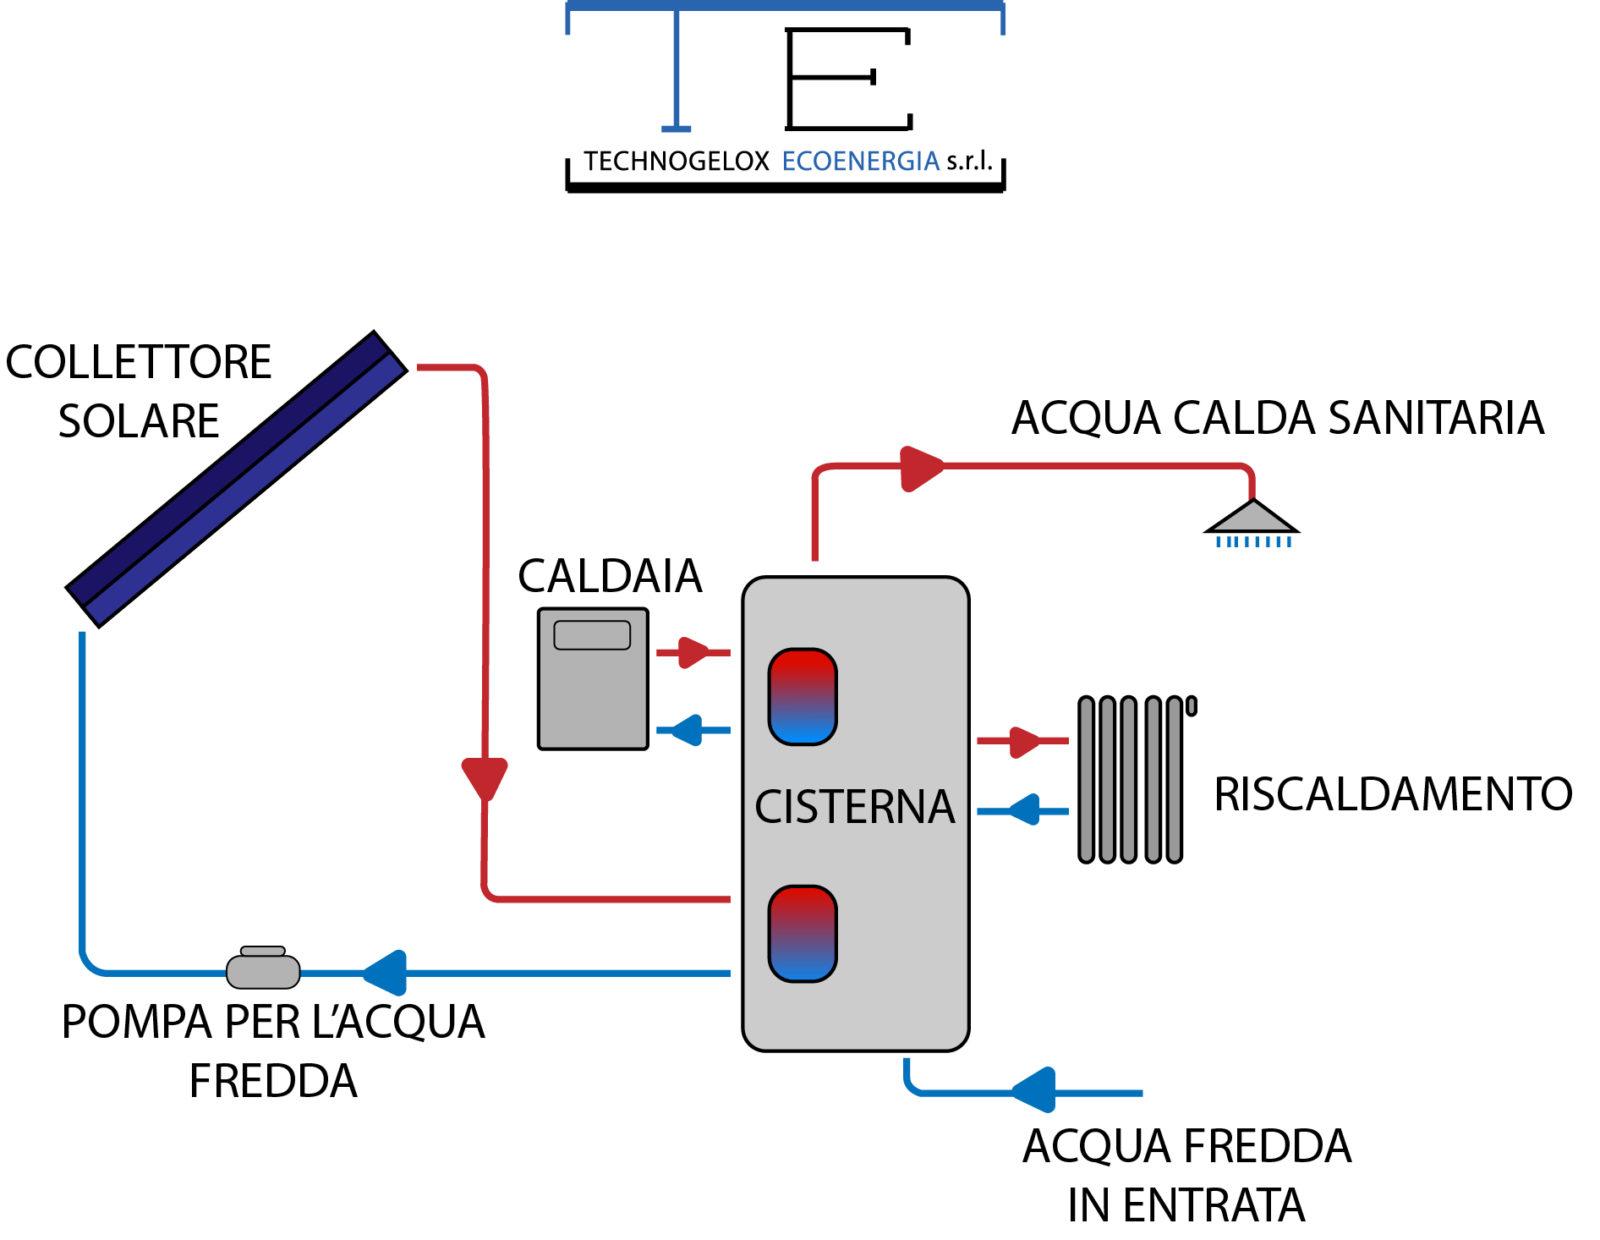 Pannello Solare A Circolazione Forzata : Impianto solare termico technogelox ecoenergia